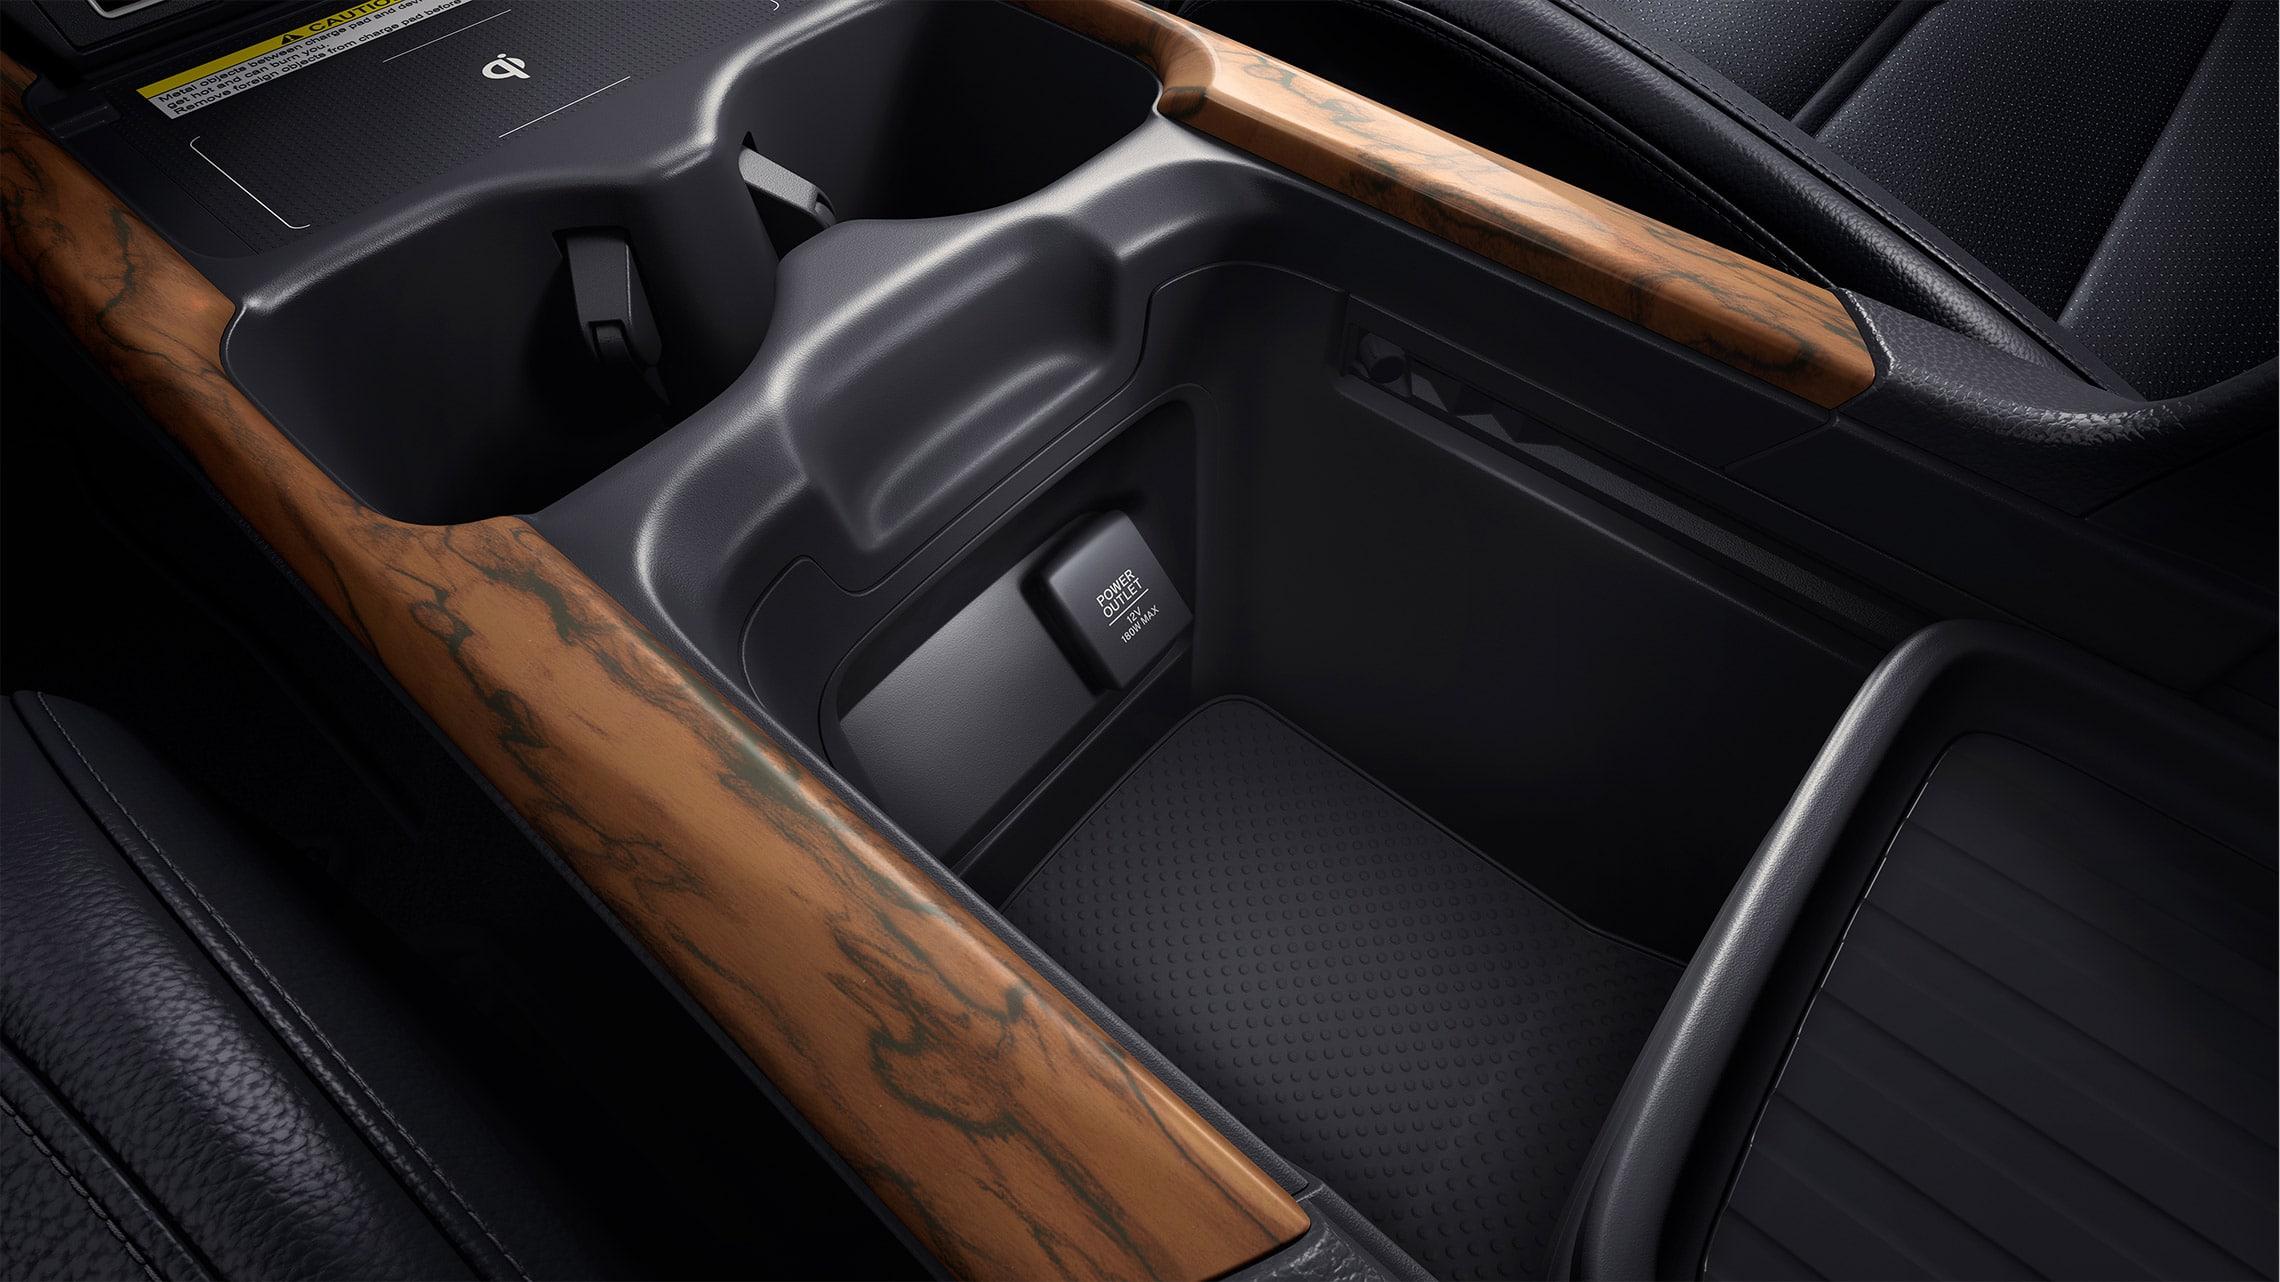 Detalle del almacenamiento en la consola central personalizable de la Honda CR-V2020 con interior en Gray Leather.